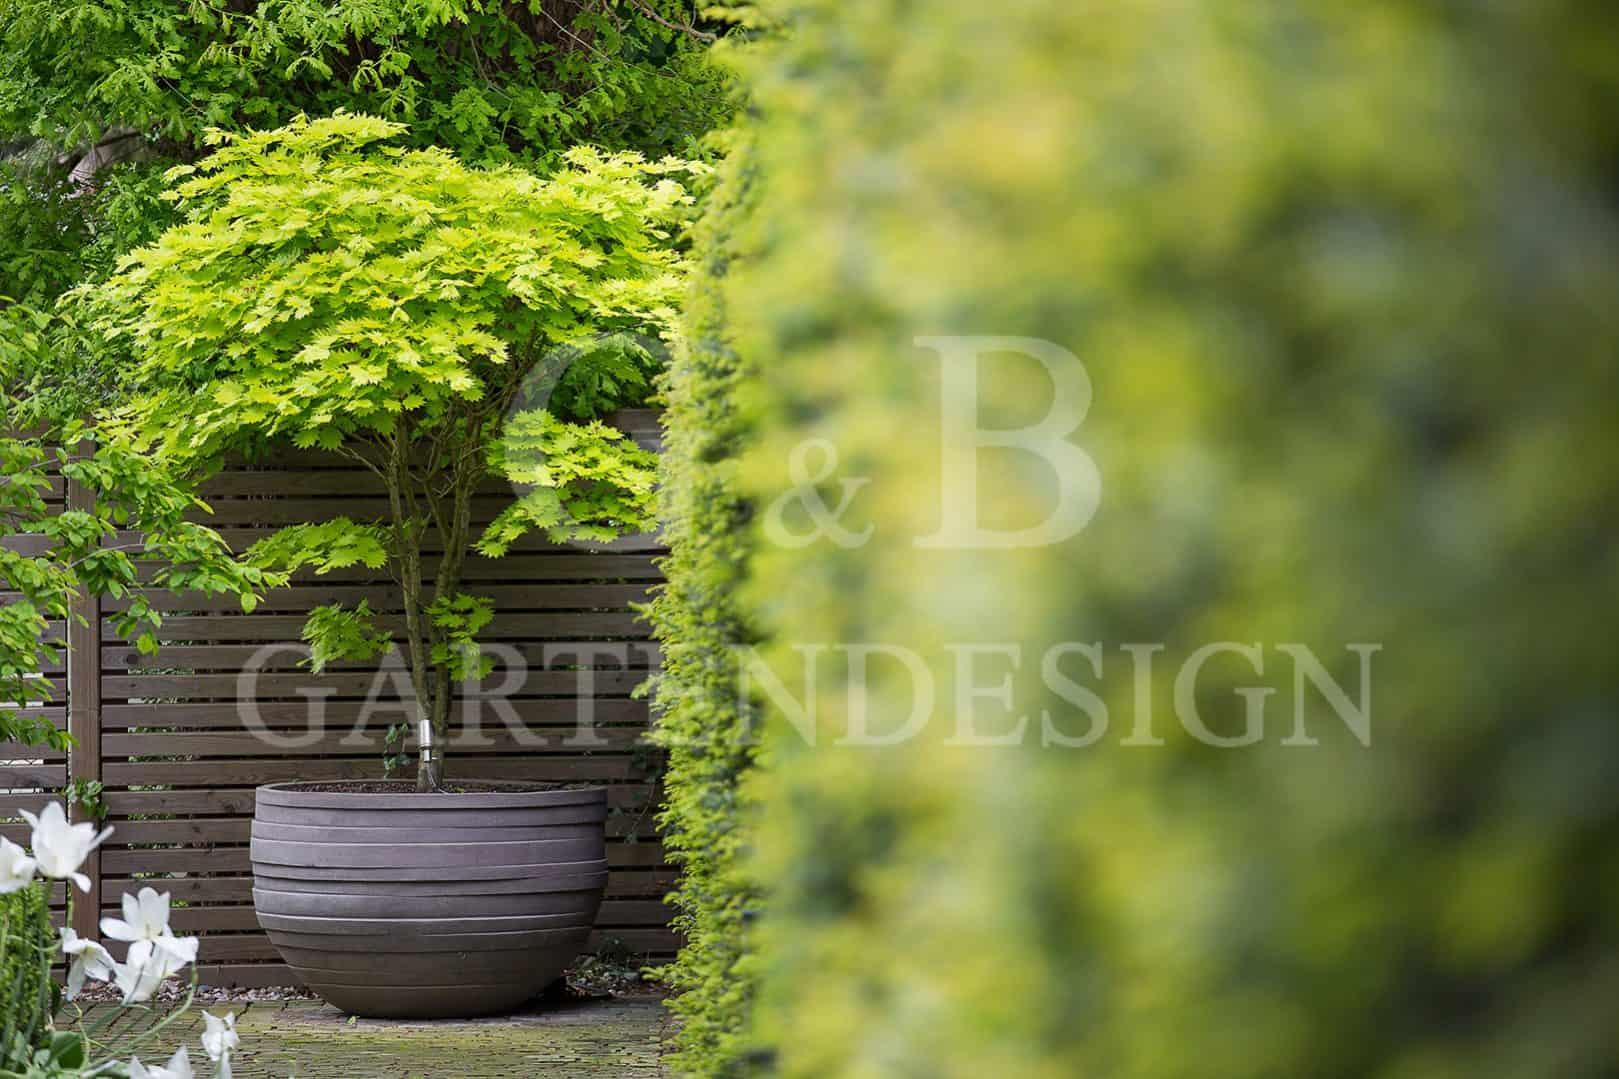 Super Pflanzgefäße | Pflanzkübel | Gempp Gartendesign OW27